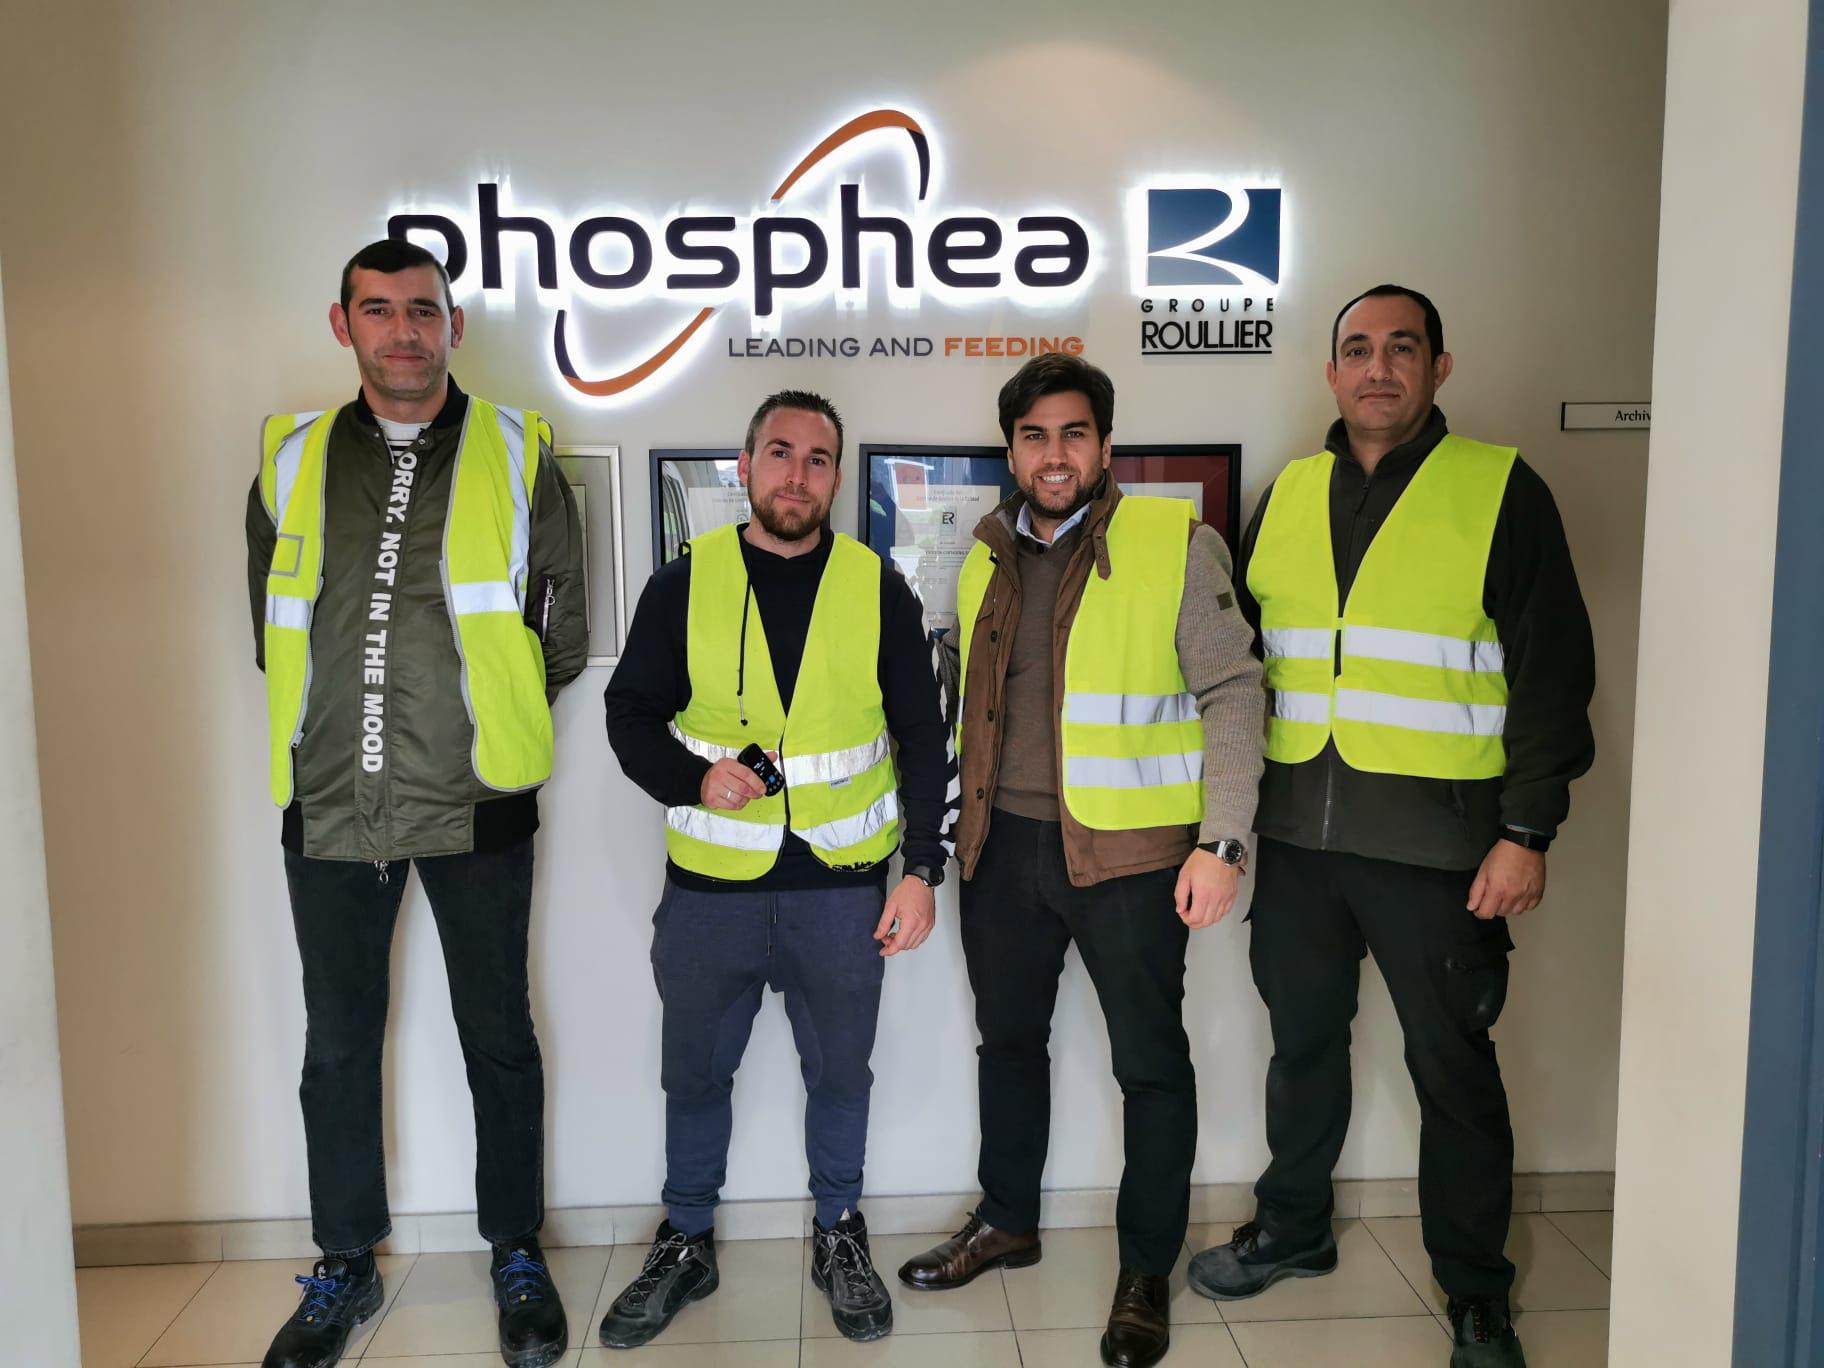 'PHOSPHEA' incrementa su seguridad con tecnologías de monitorización certificadas por 'Securspace'